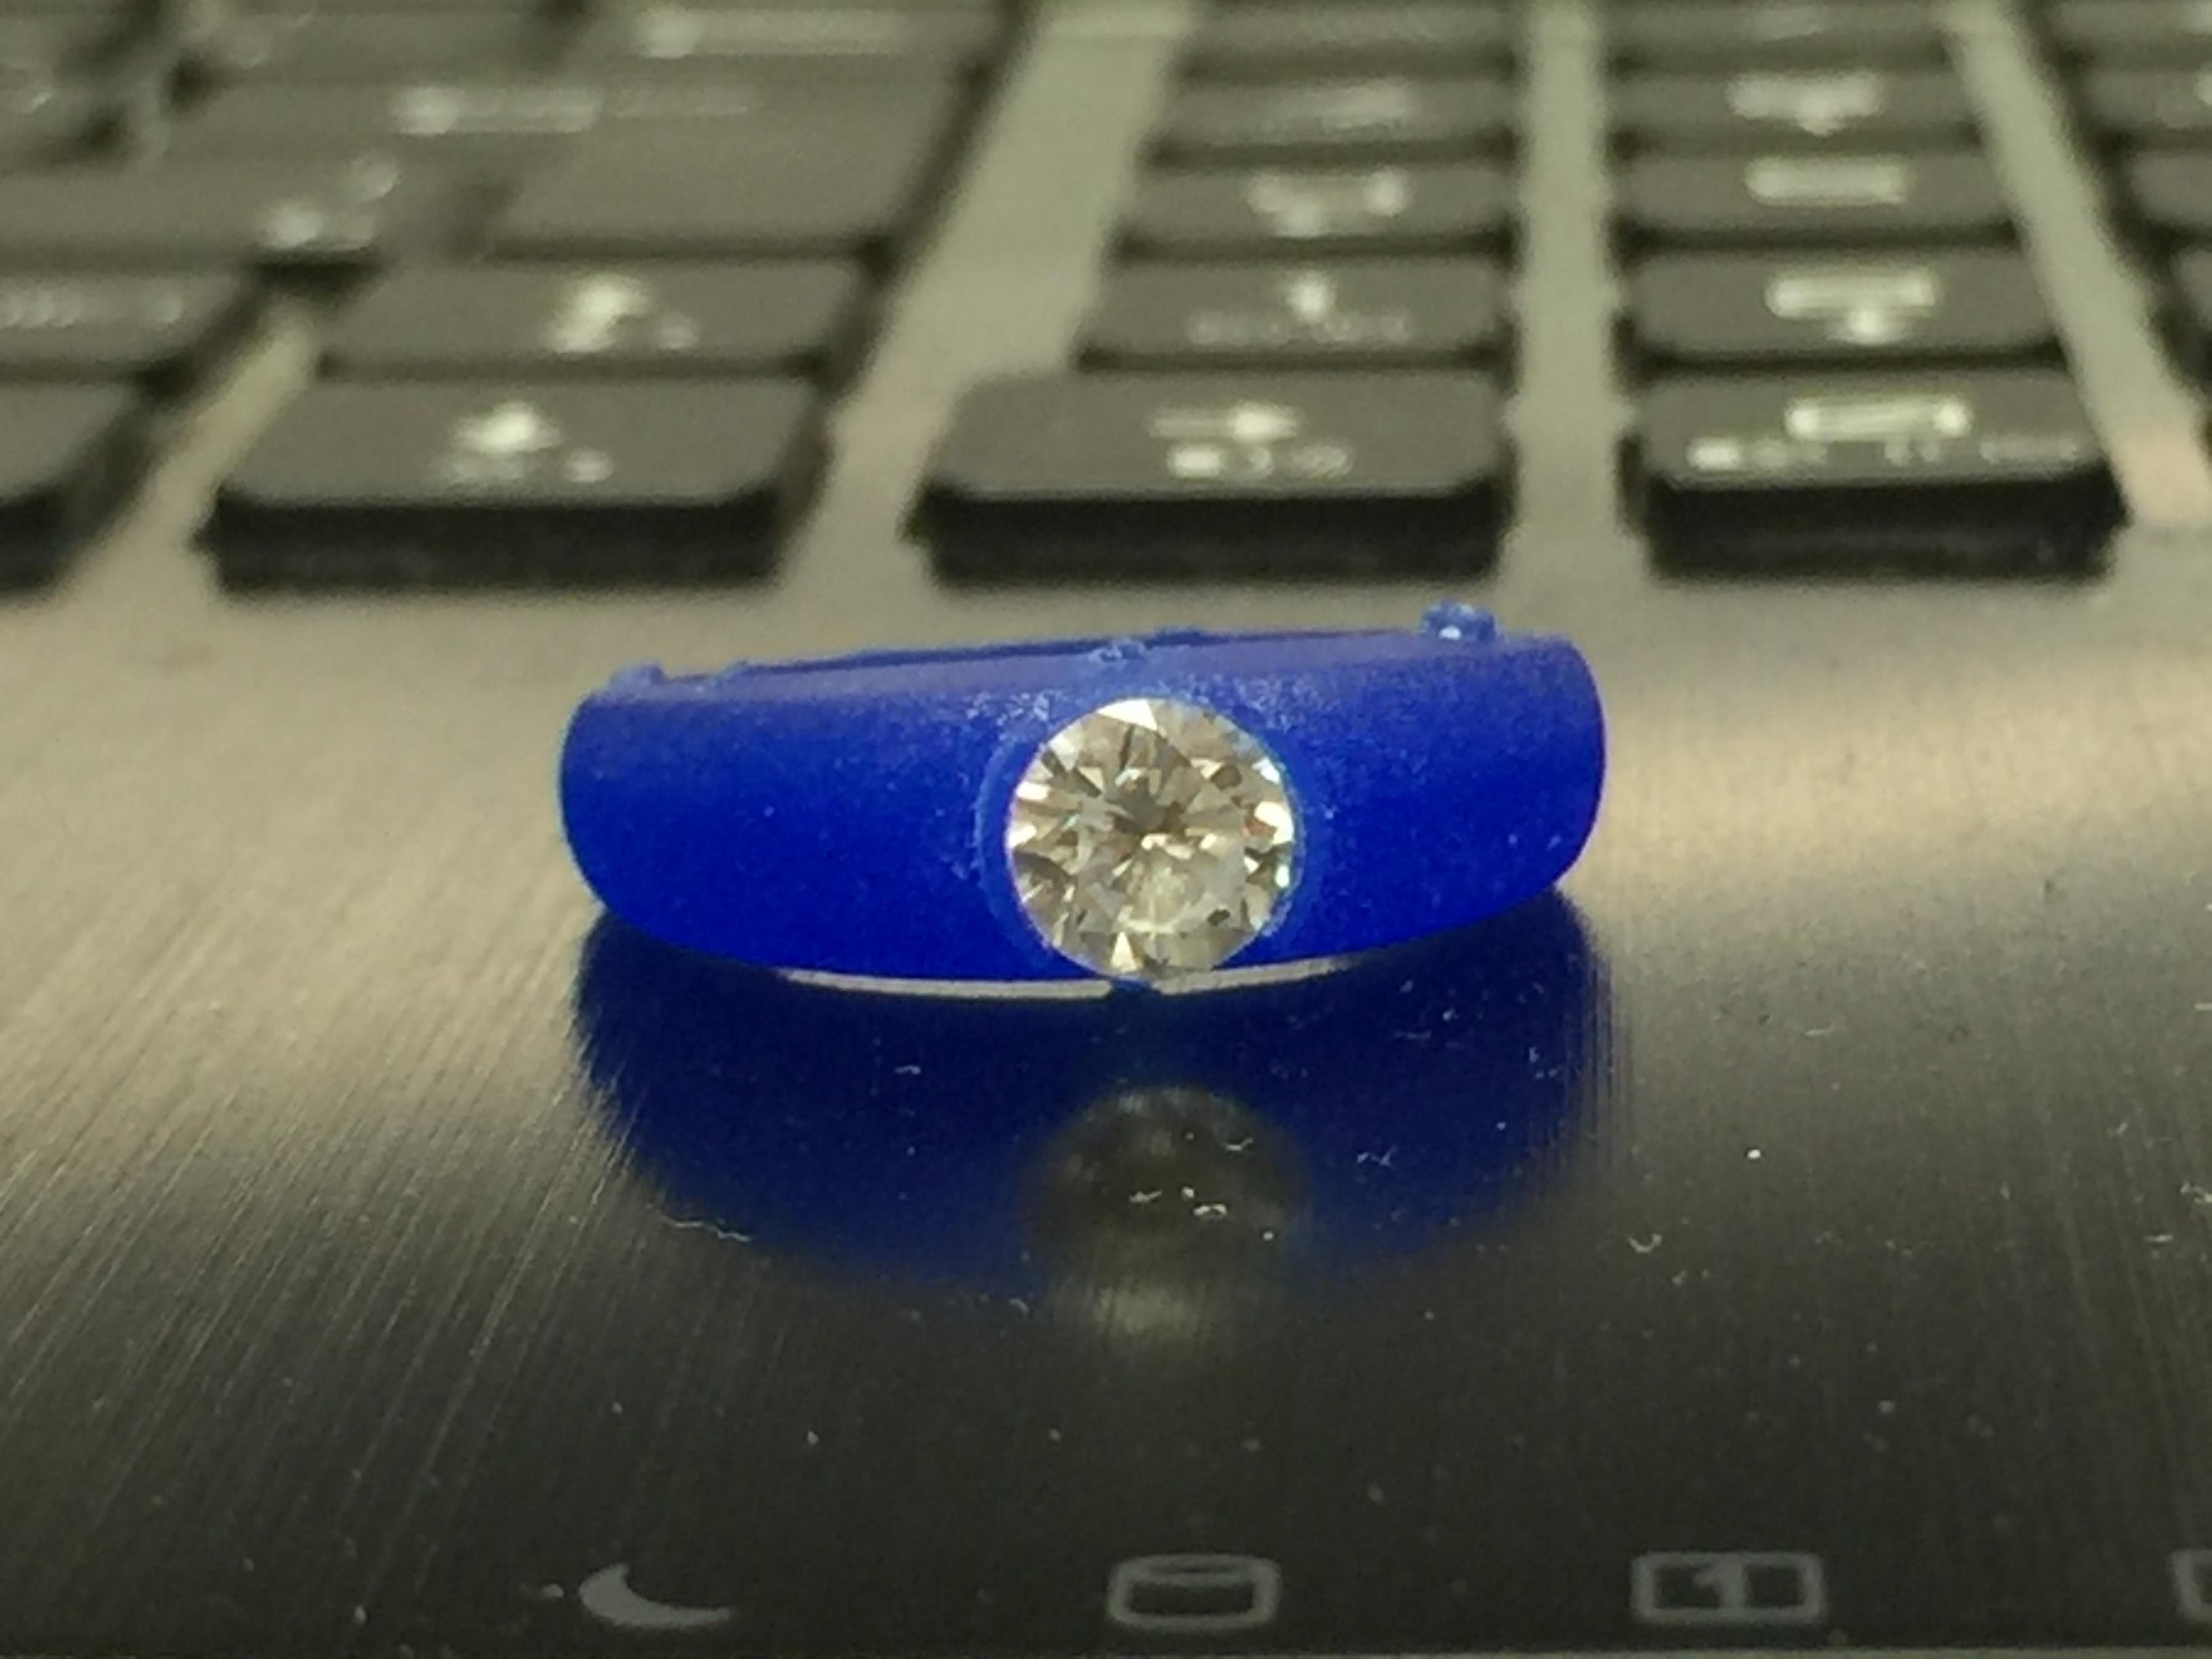 ひとつひとつその素材(ダイヤ)に合わせて ご予算に合わせてつくるのが デジタルジュエリー®のブランドストーリー